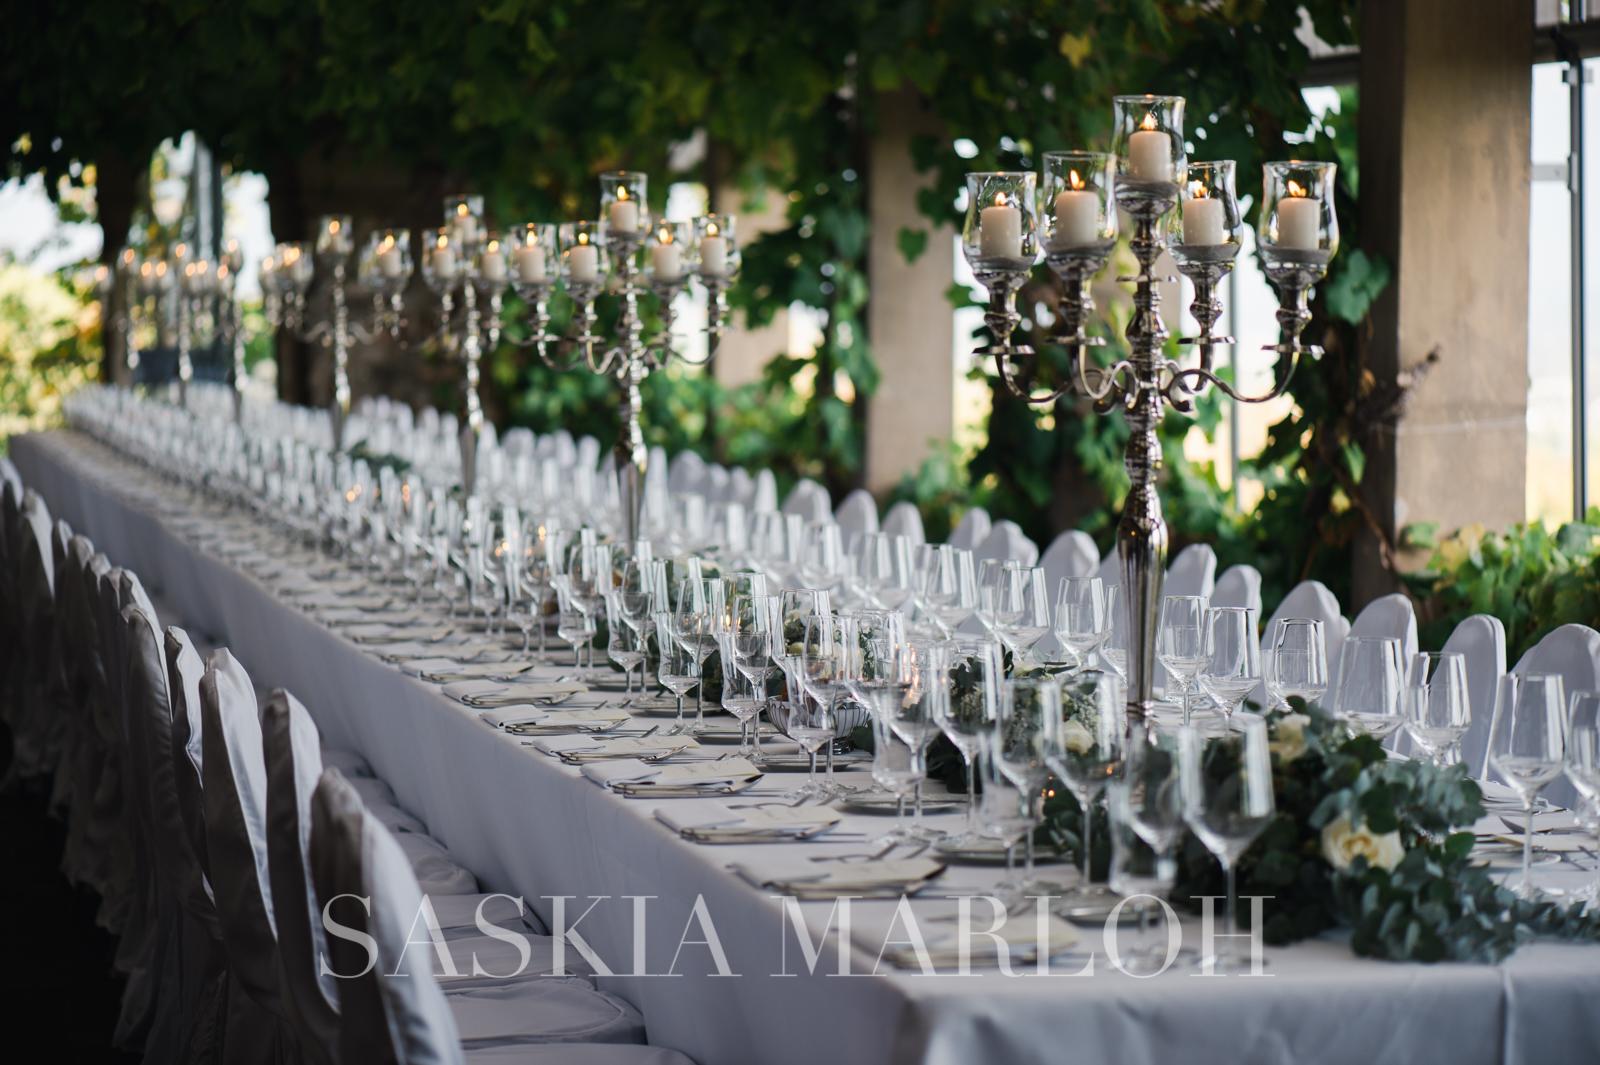 BURG-SCHWARZENSTEIN-HOCHZEIT-WEDDING-FOTO-PHOTO-SASKIA-MARLOH-489